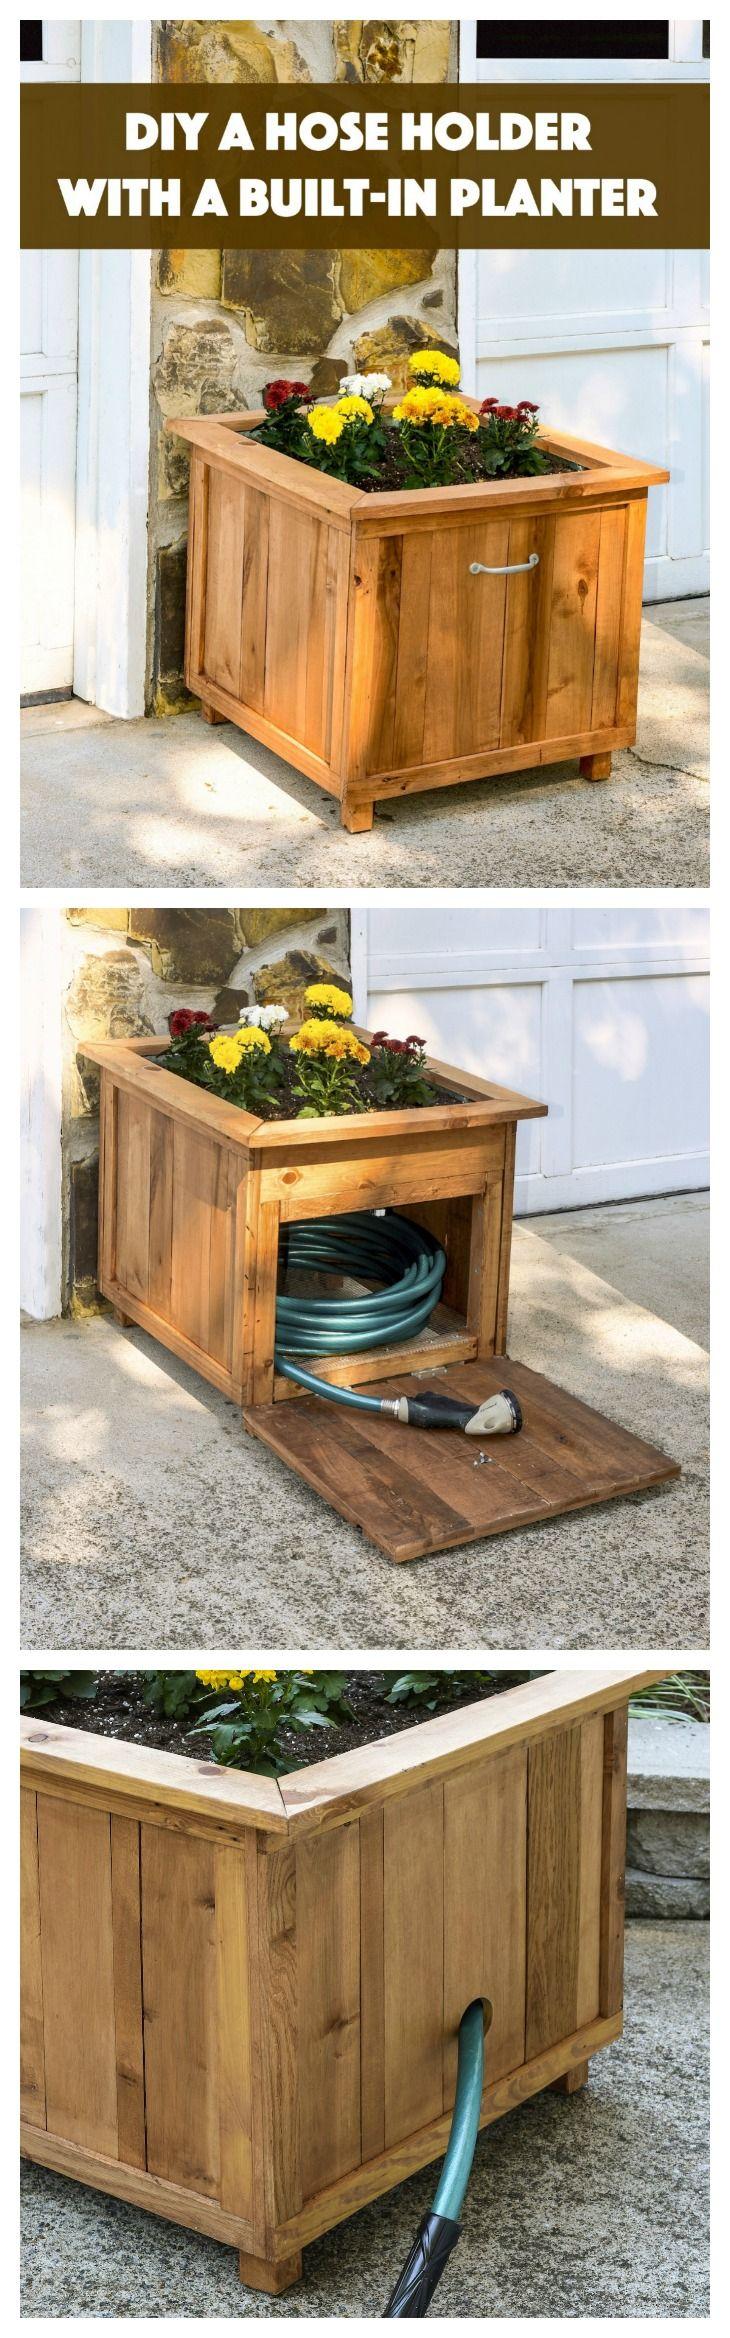 DIY Pallet Wood Hose Holder with Planter | Utilidades práticas | Pinterest | Hose holder, Pallet wood and Pallets